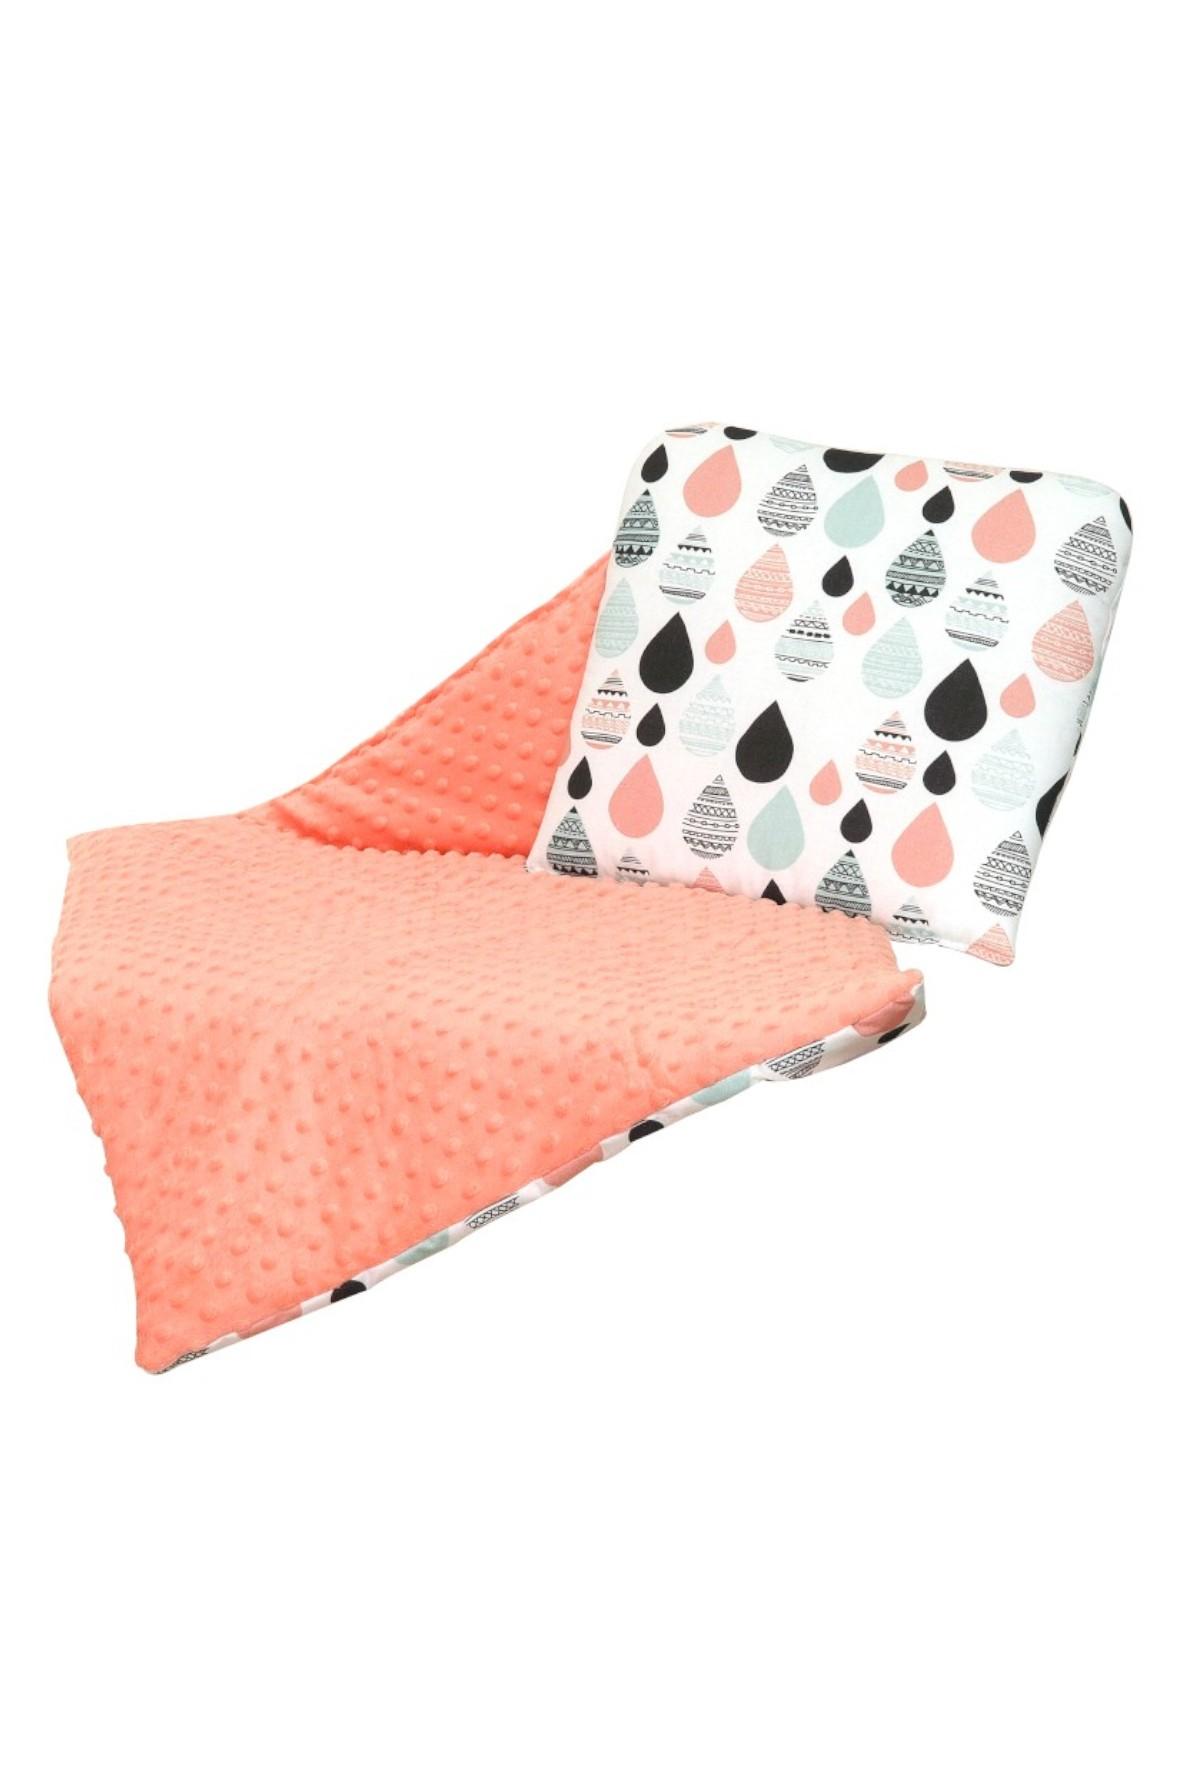 Kołderka z poduszką Amy do wózka Aztec Minky-raindrops brzoskwinia